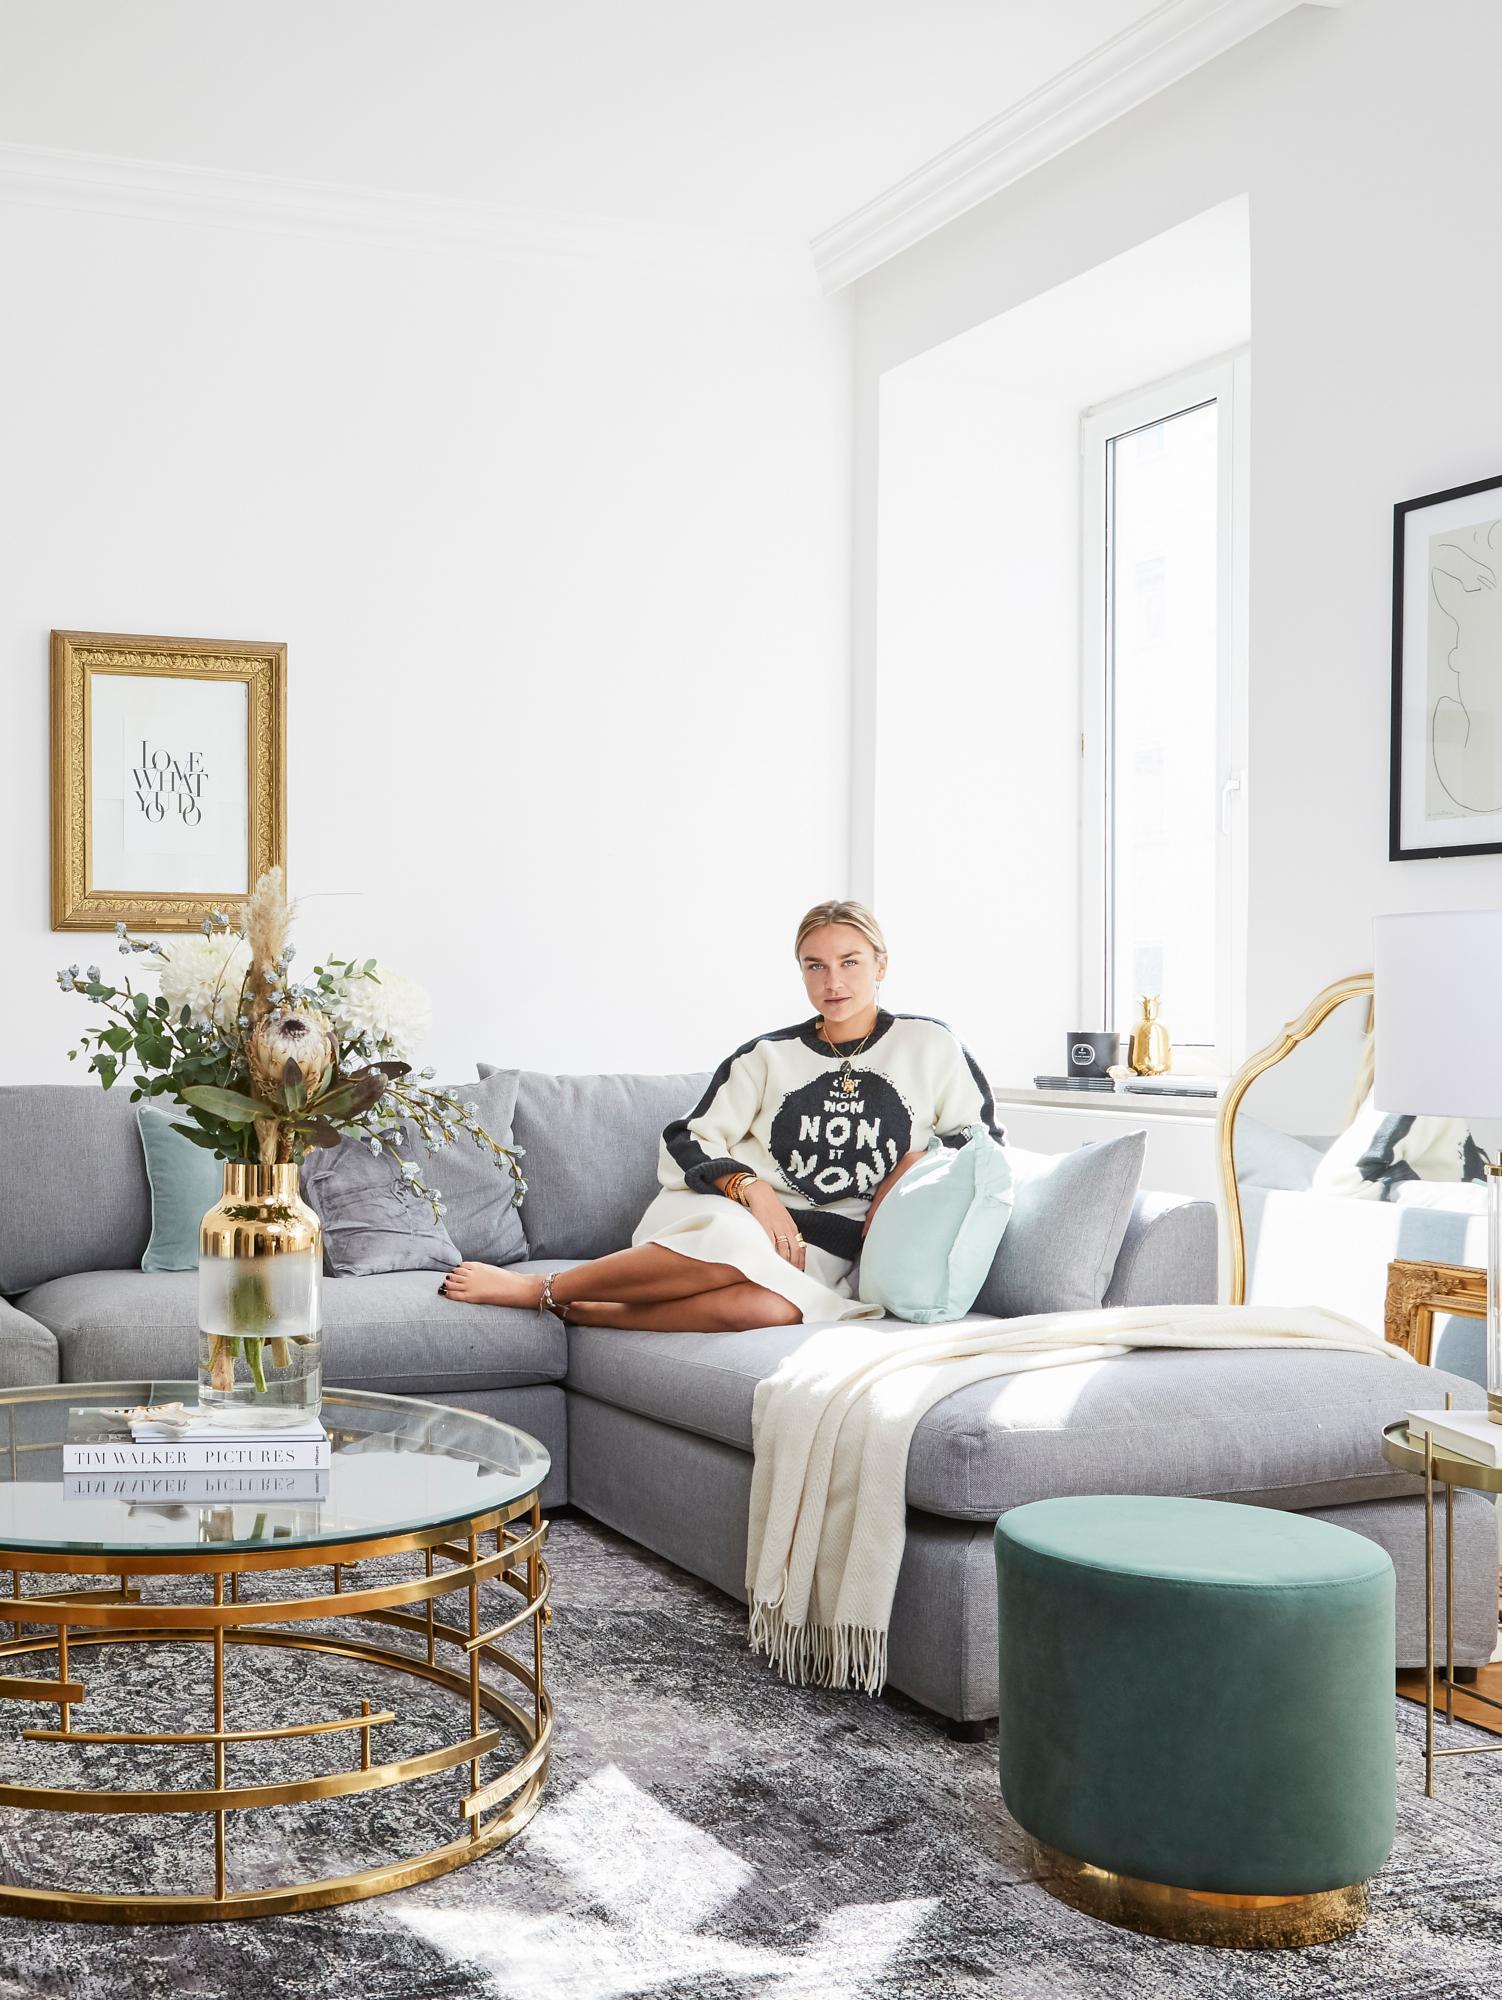 Wohnzimmer der Influencerin Nina Süß